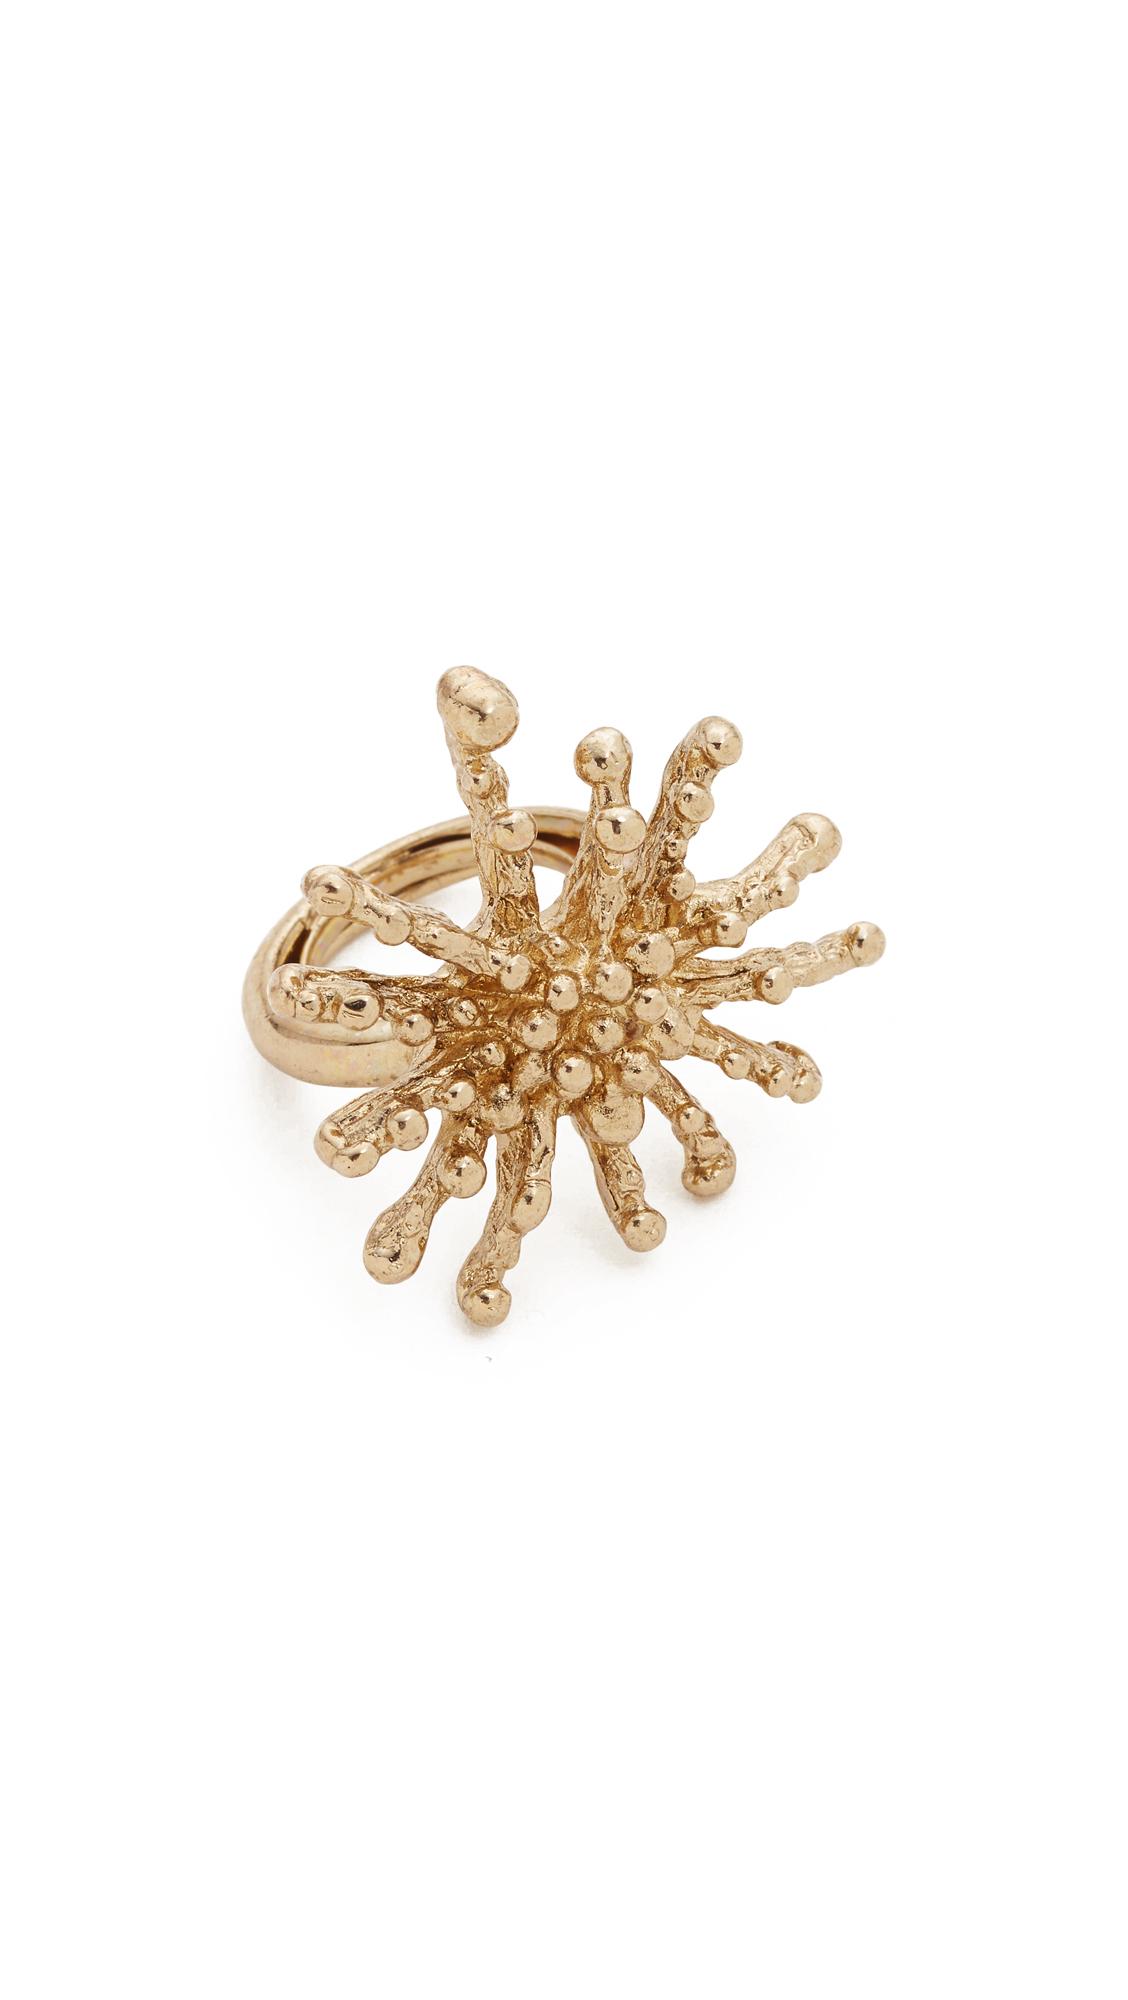 Oscar De La Renta starfish ring - Metallic lyWc6JMuQU